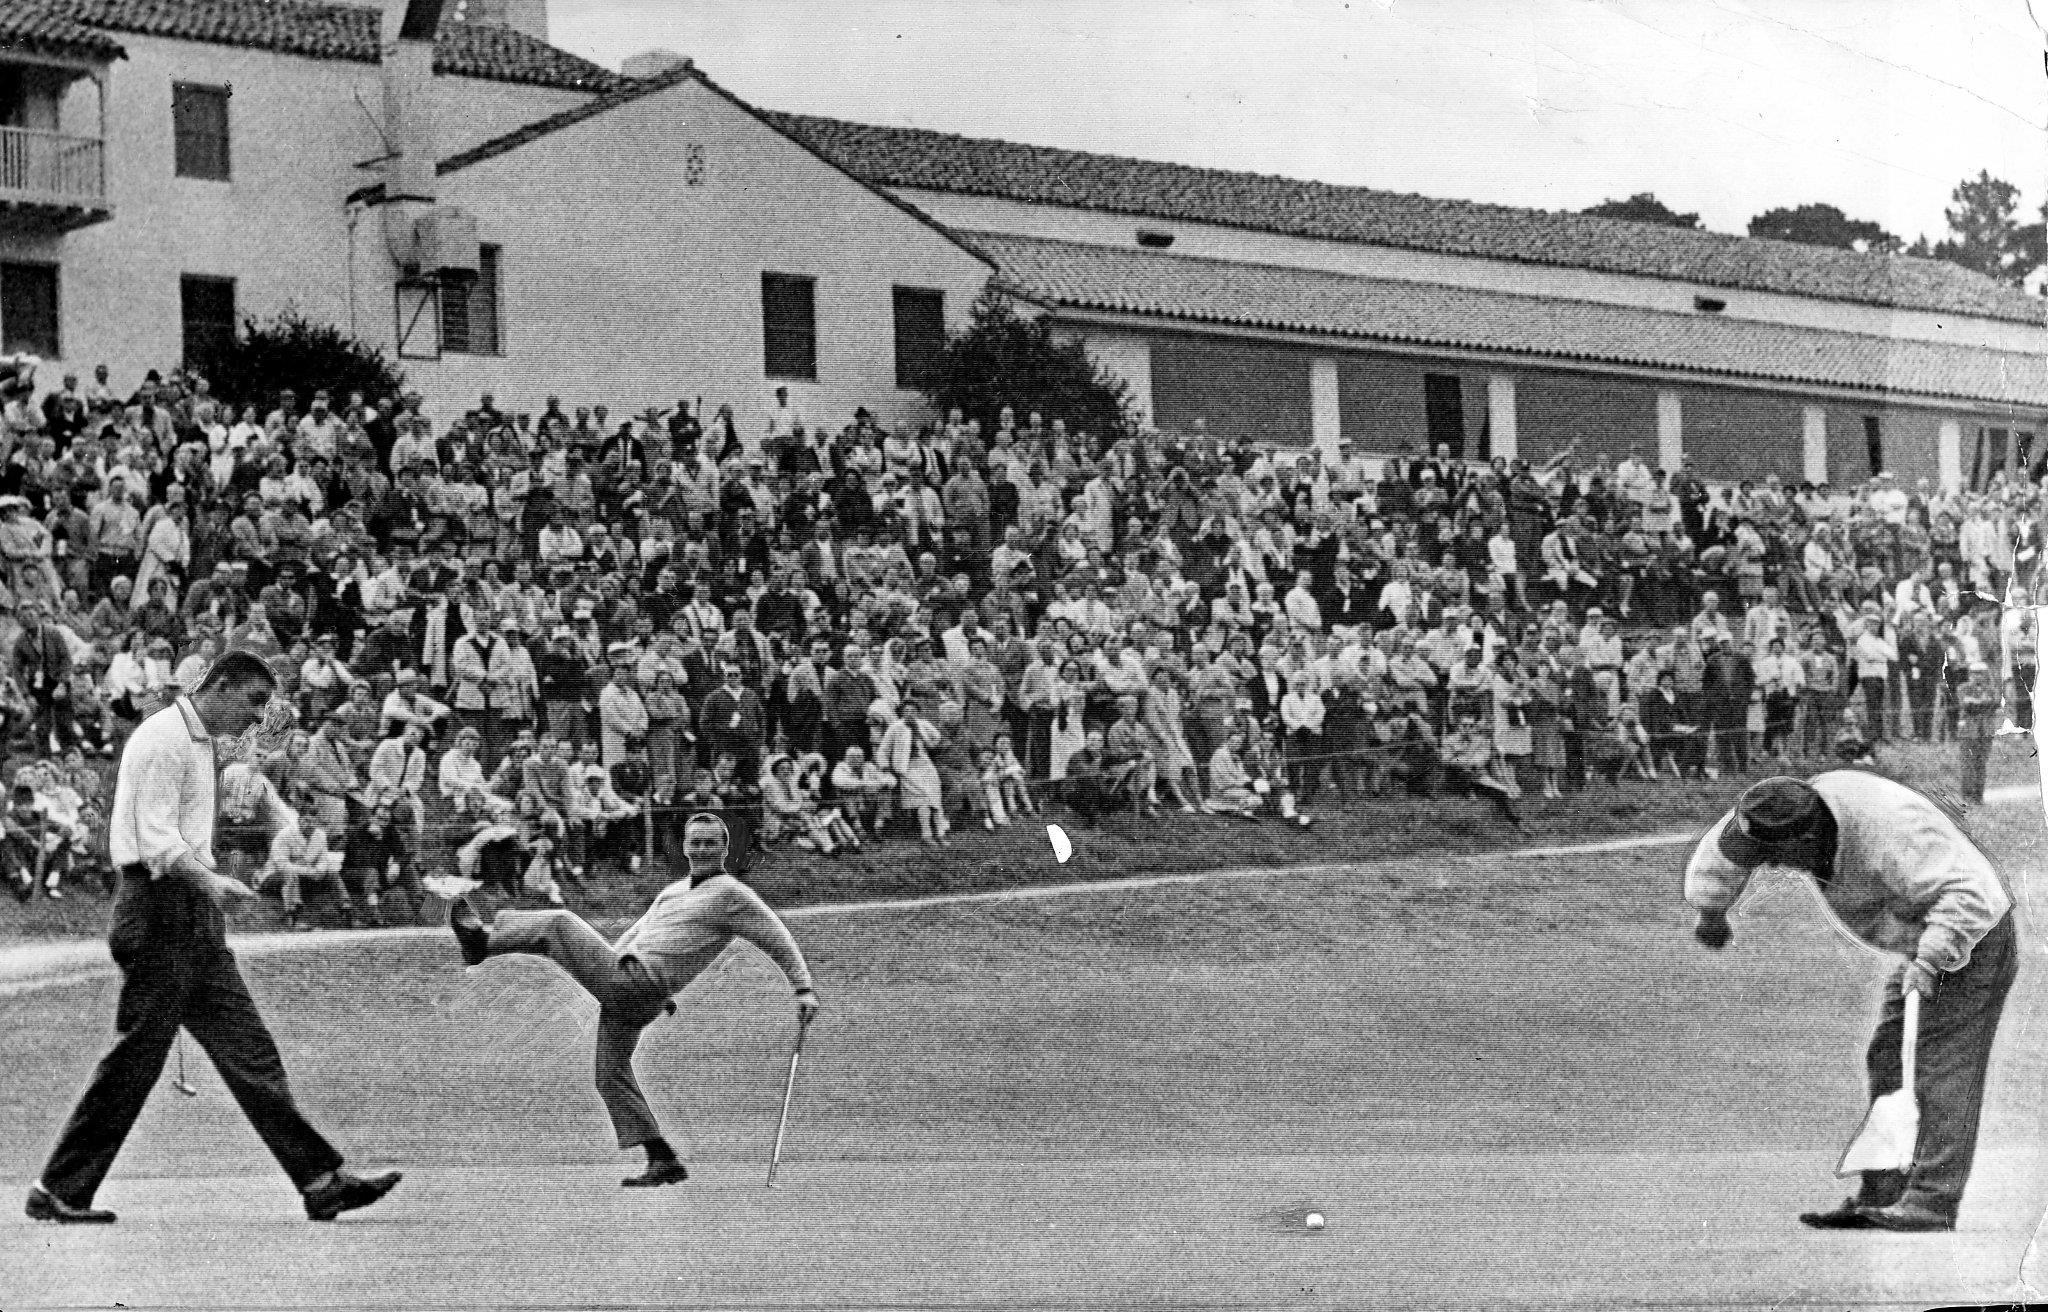 Pebble Beach Pro-Am's Bing Crosby years: Big names, big fun